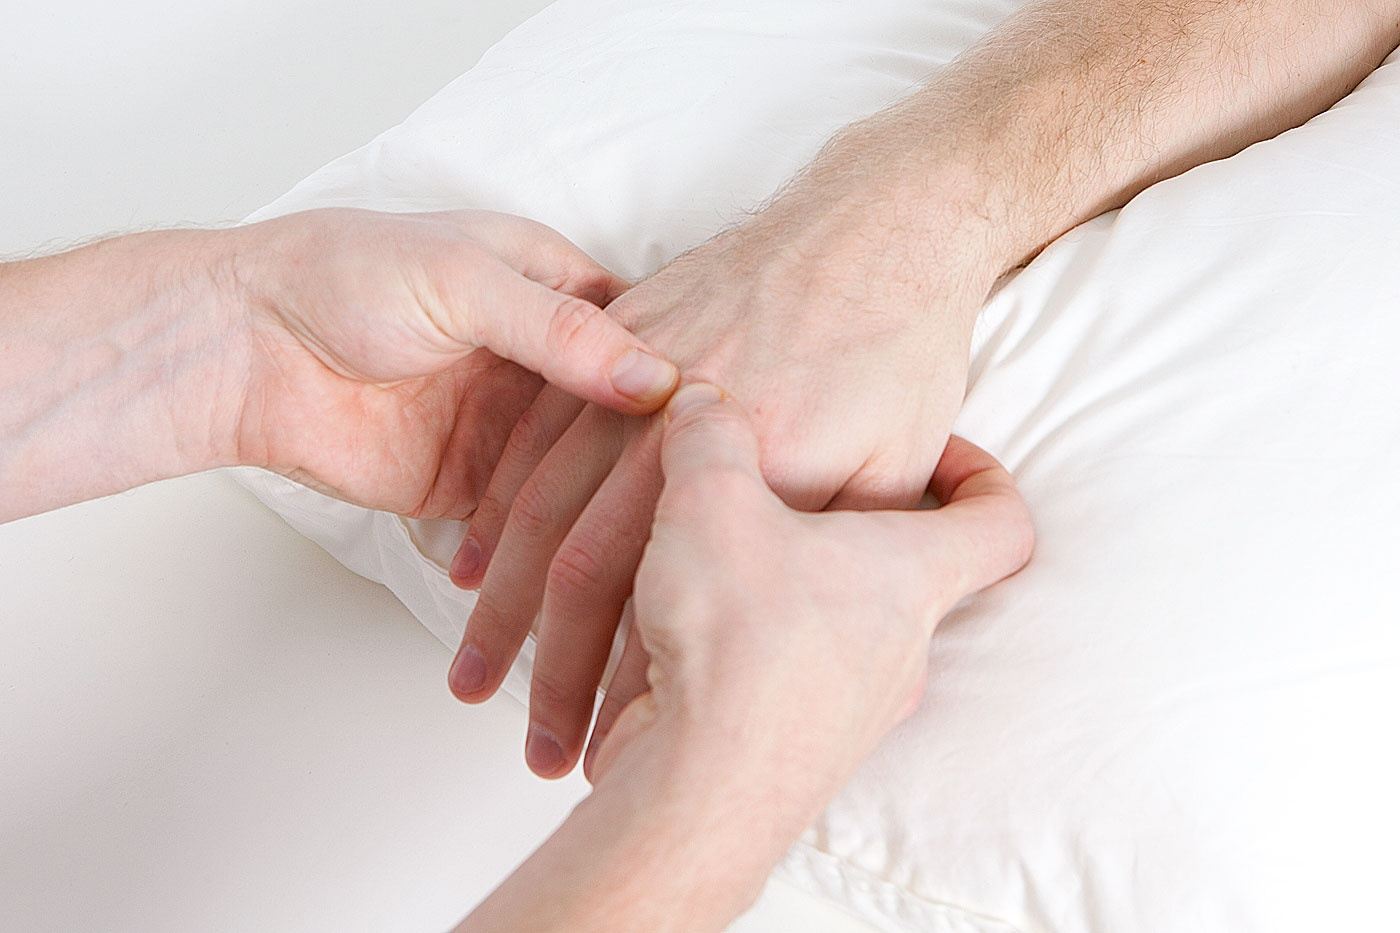 Metacarpophalangeal joint palpation